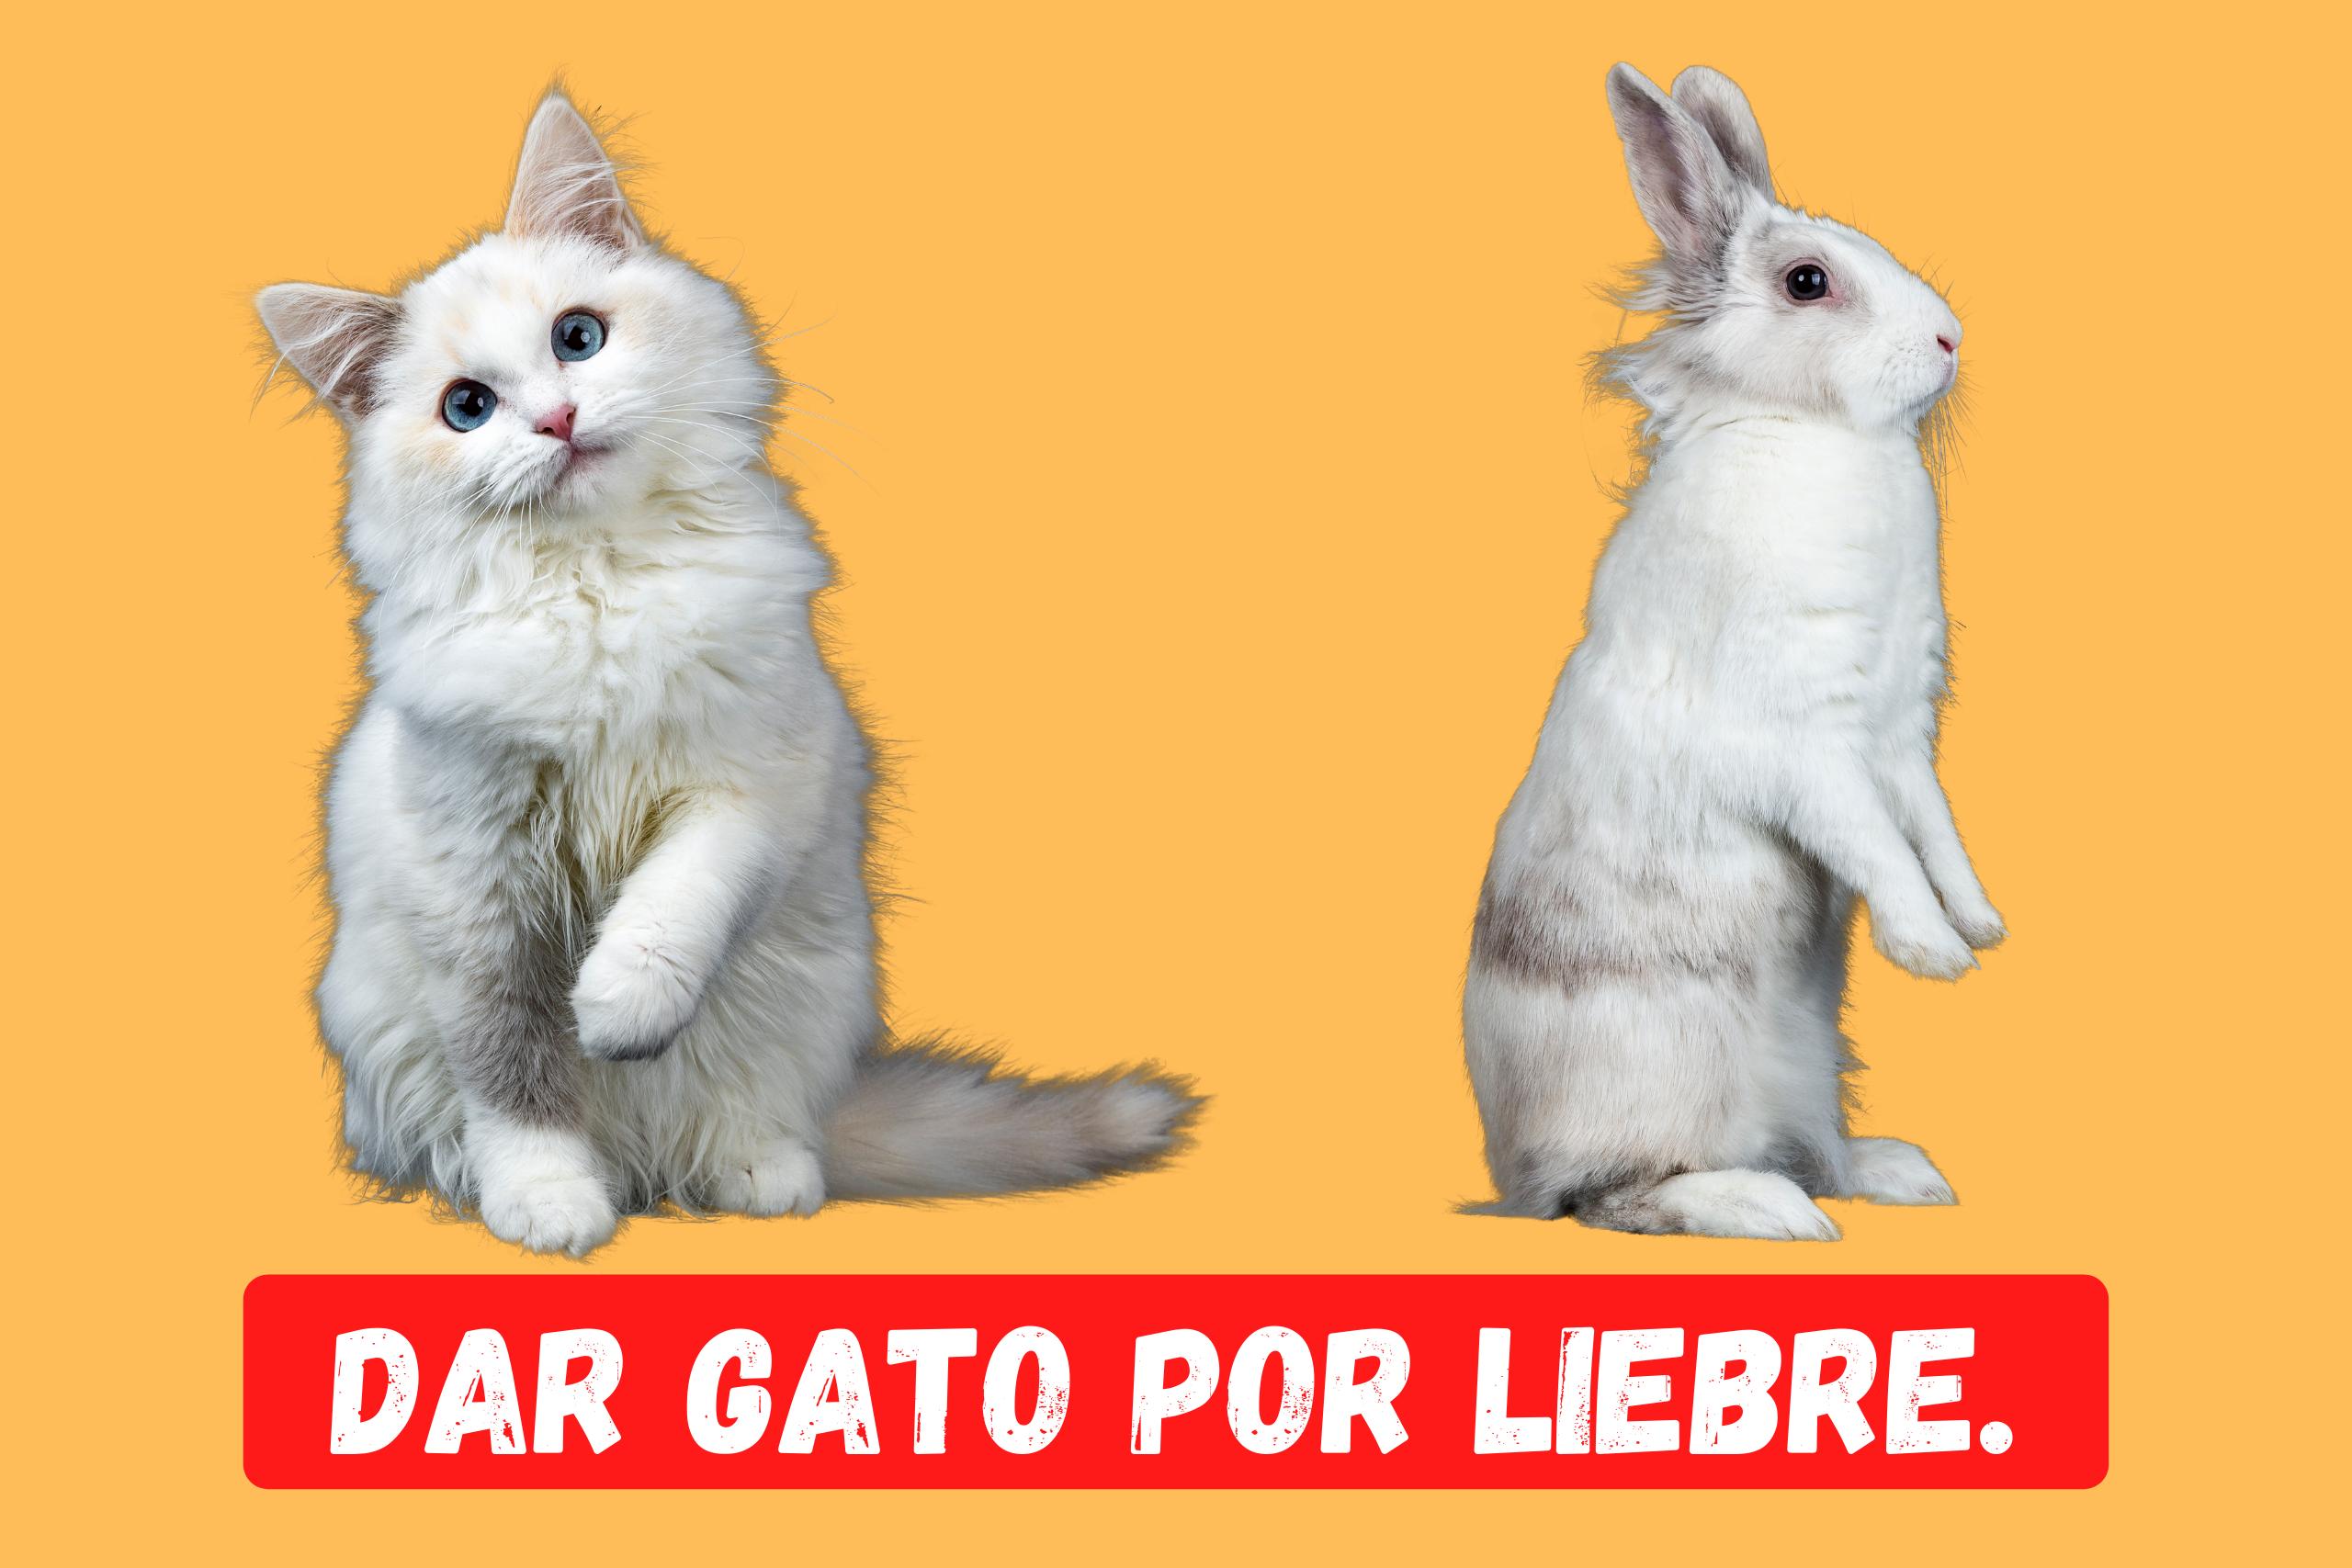 Saying of the day: Dar gato por liebre - Easy Español